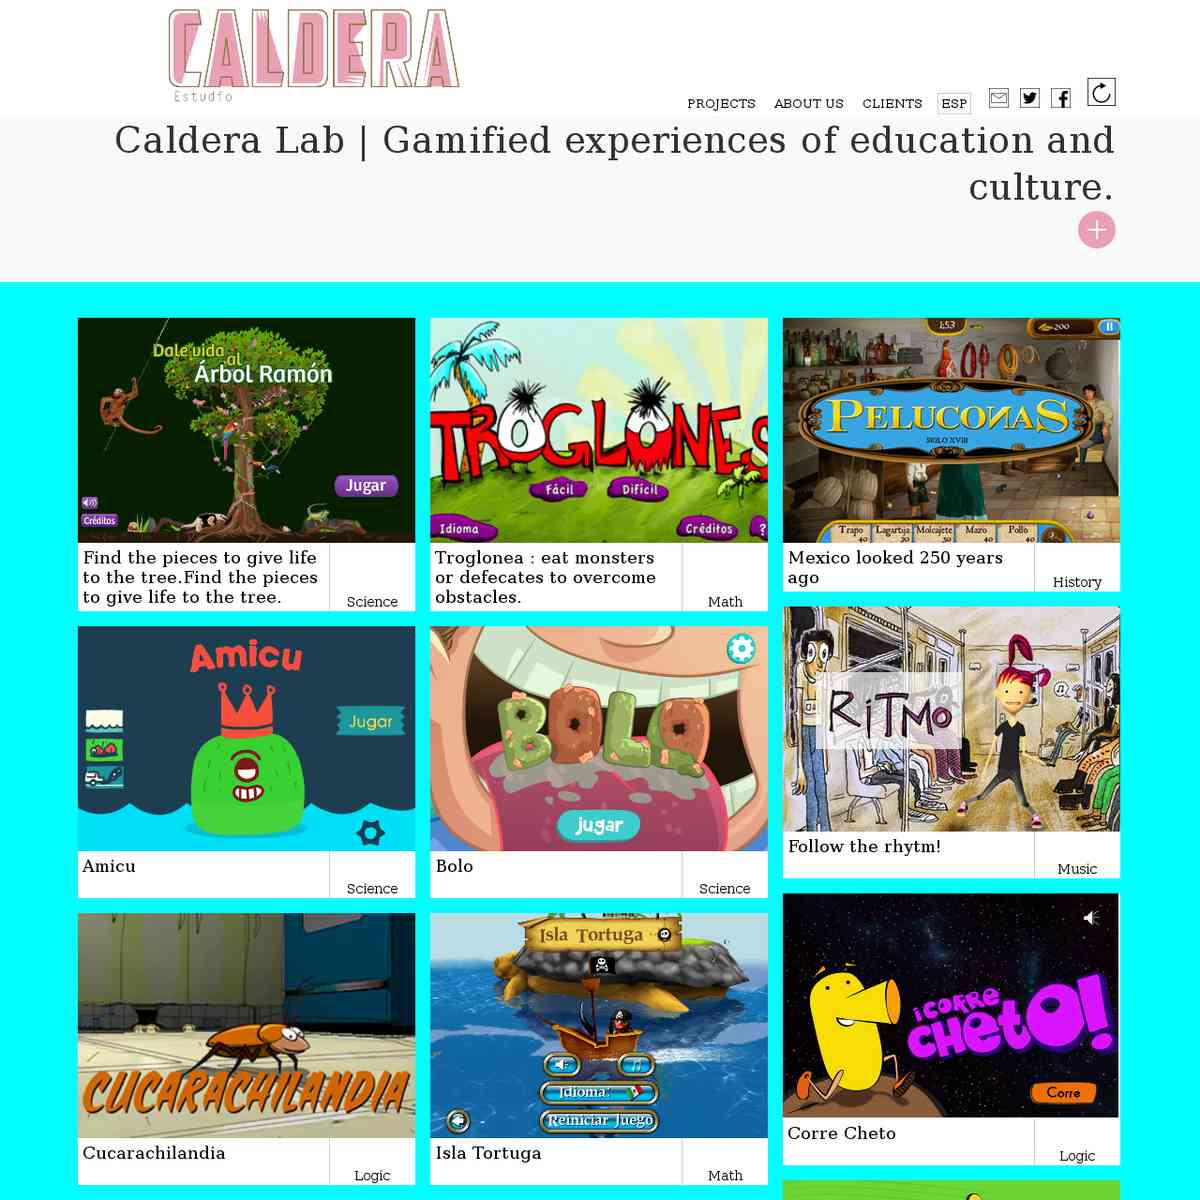 caldera-estudio.com